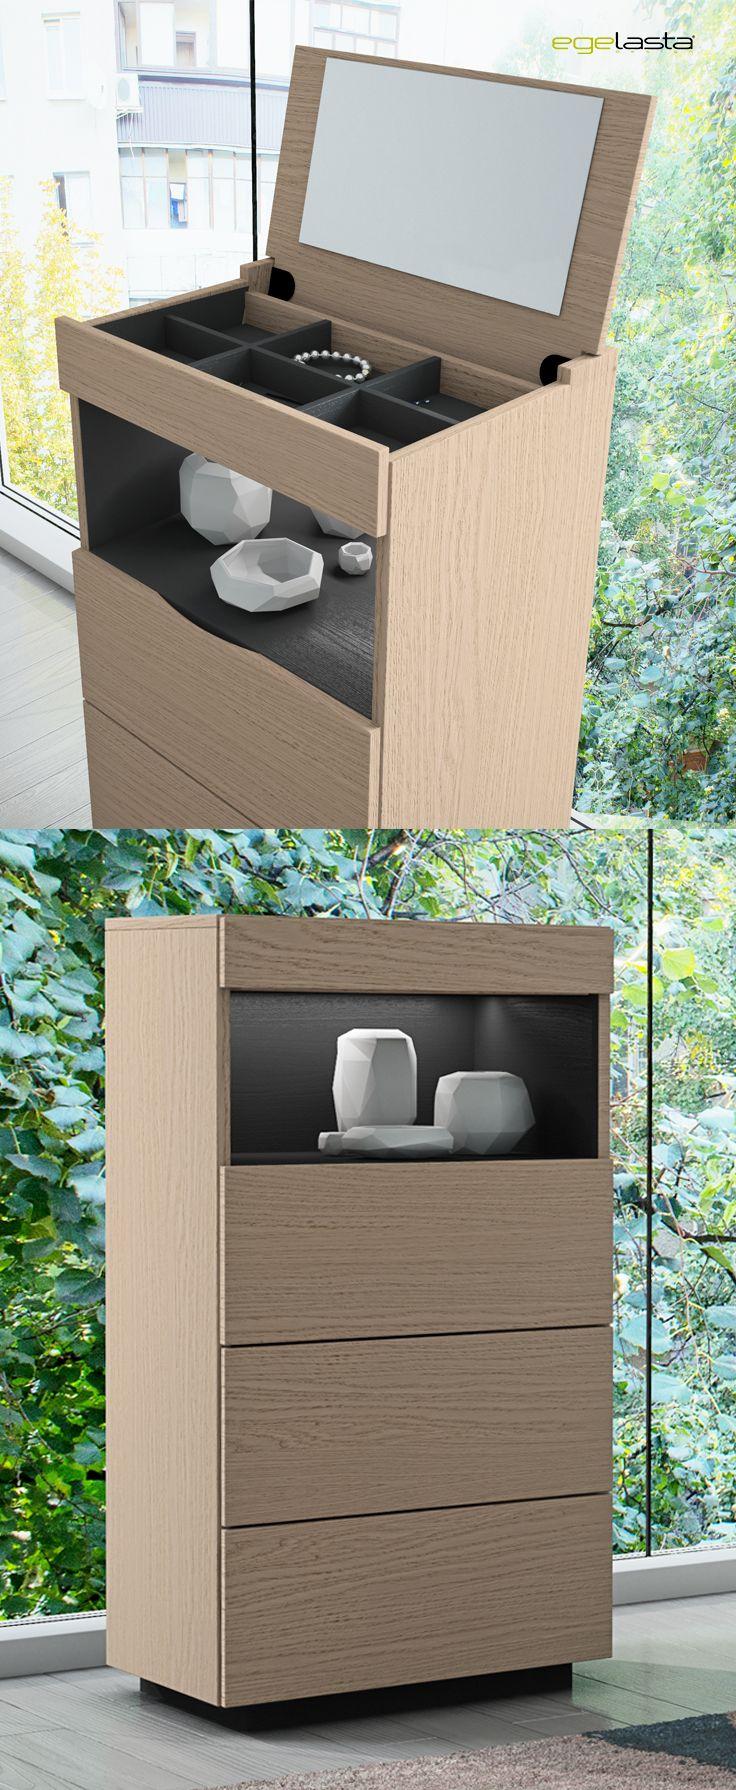 M s de 1000 ideas sobre tocador moderno en pinterest - Mueble tocador moderno ...